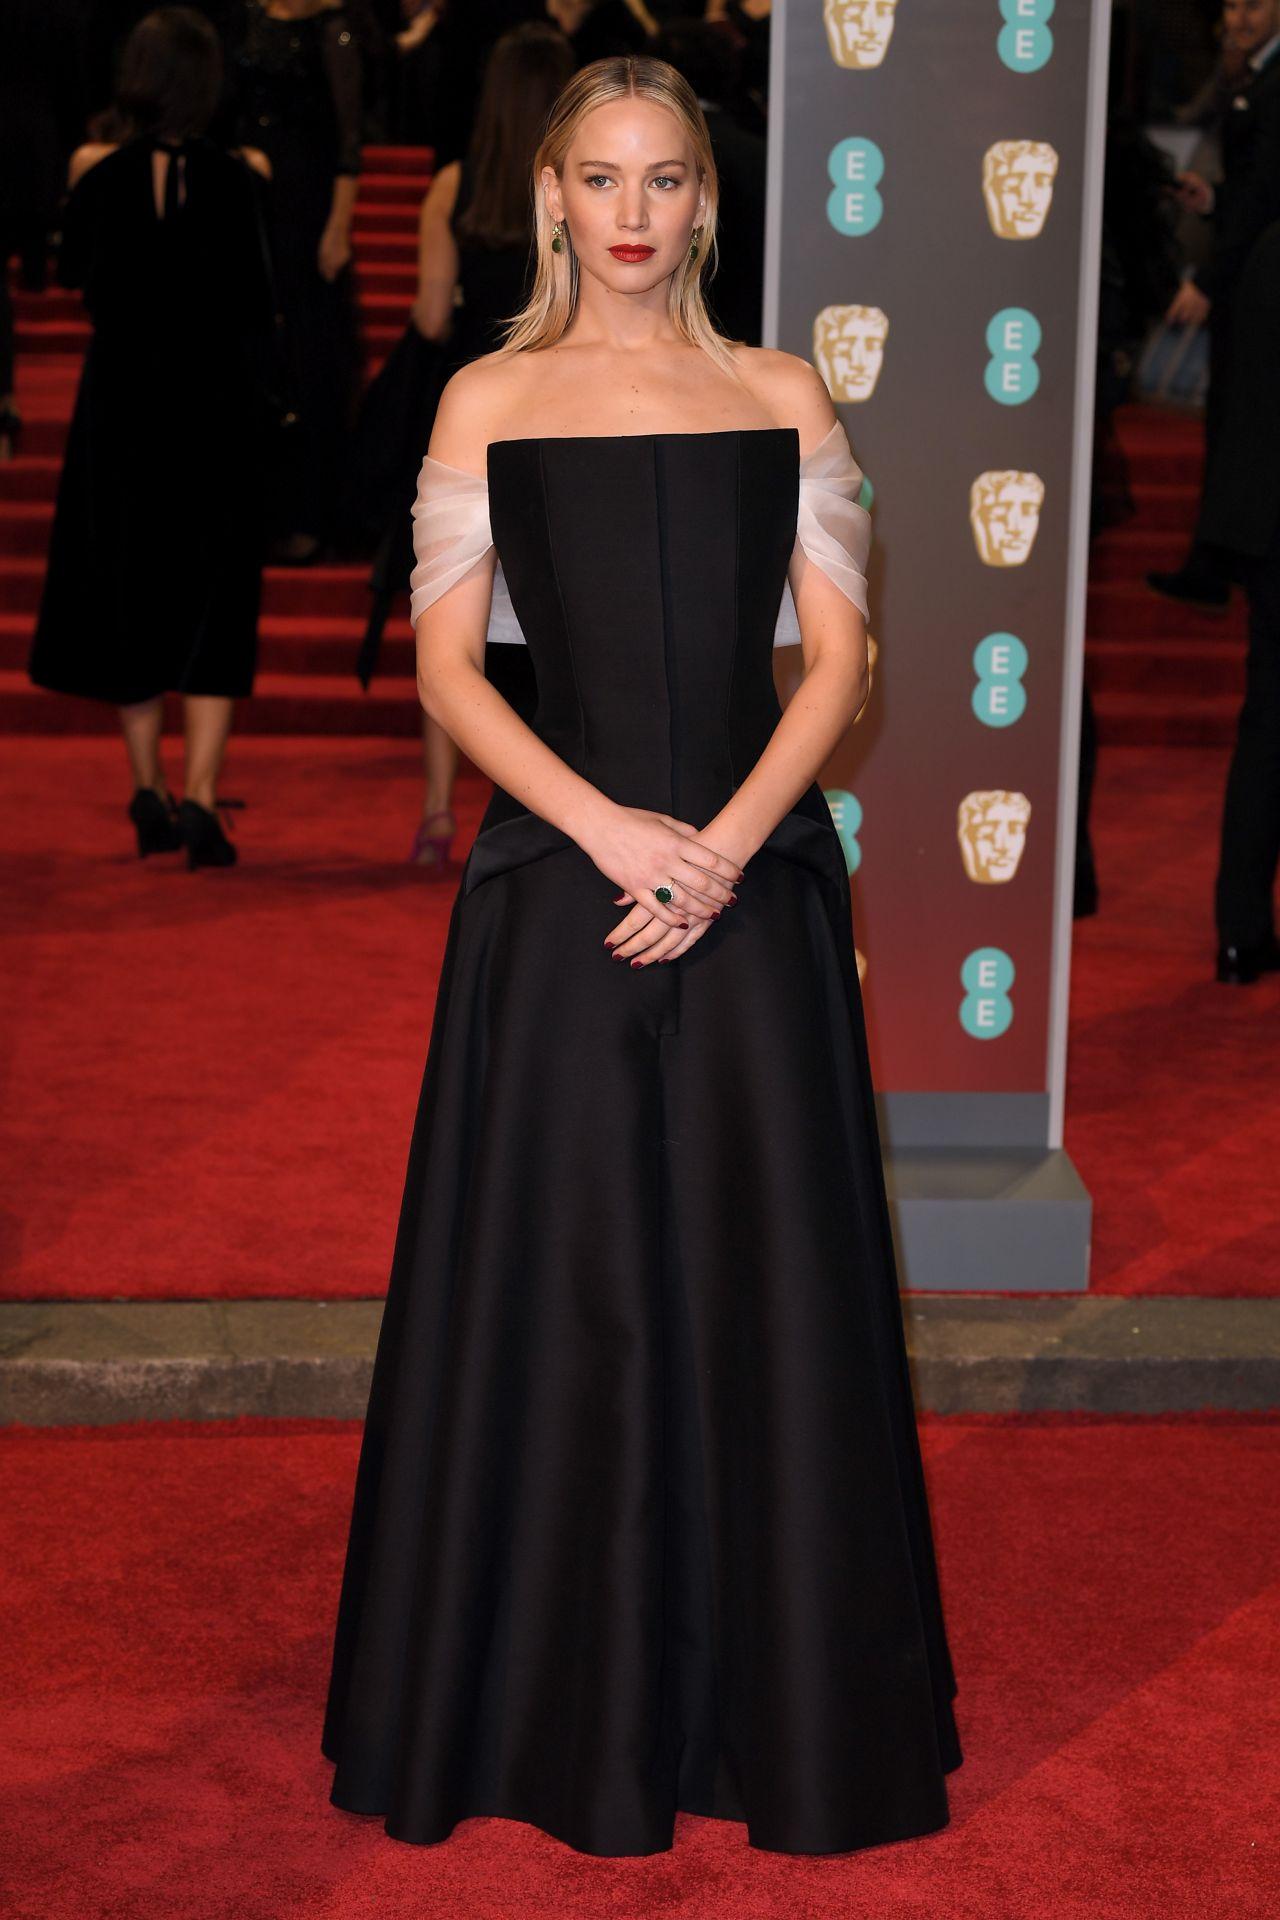 Jennifer Lawrence 2018 British Academy Film Awards